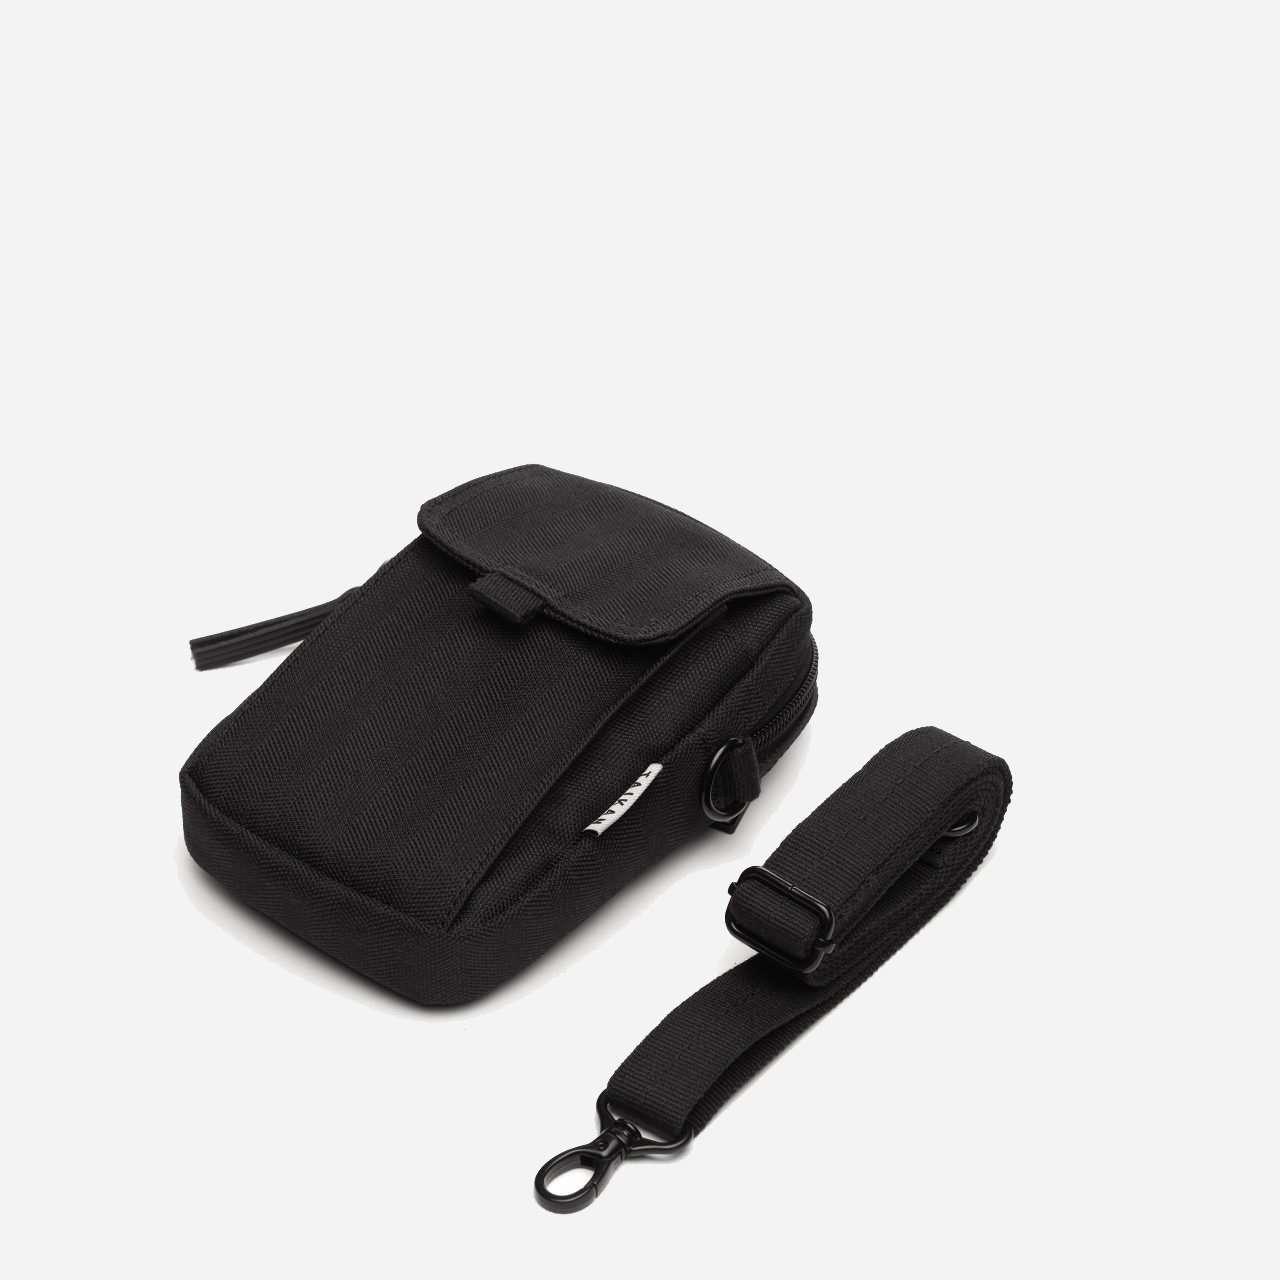 Taikan Everything Raven Bag